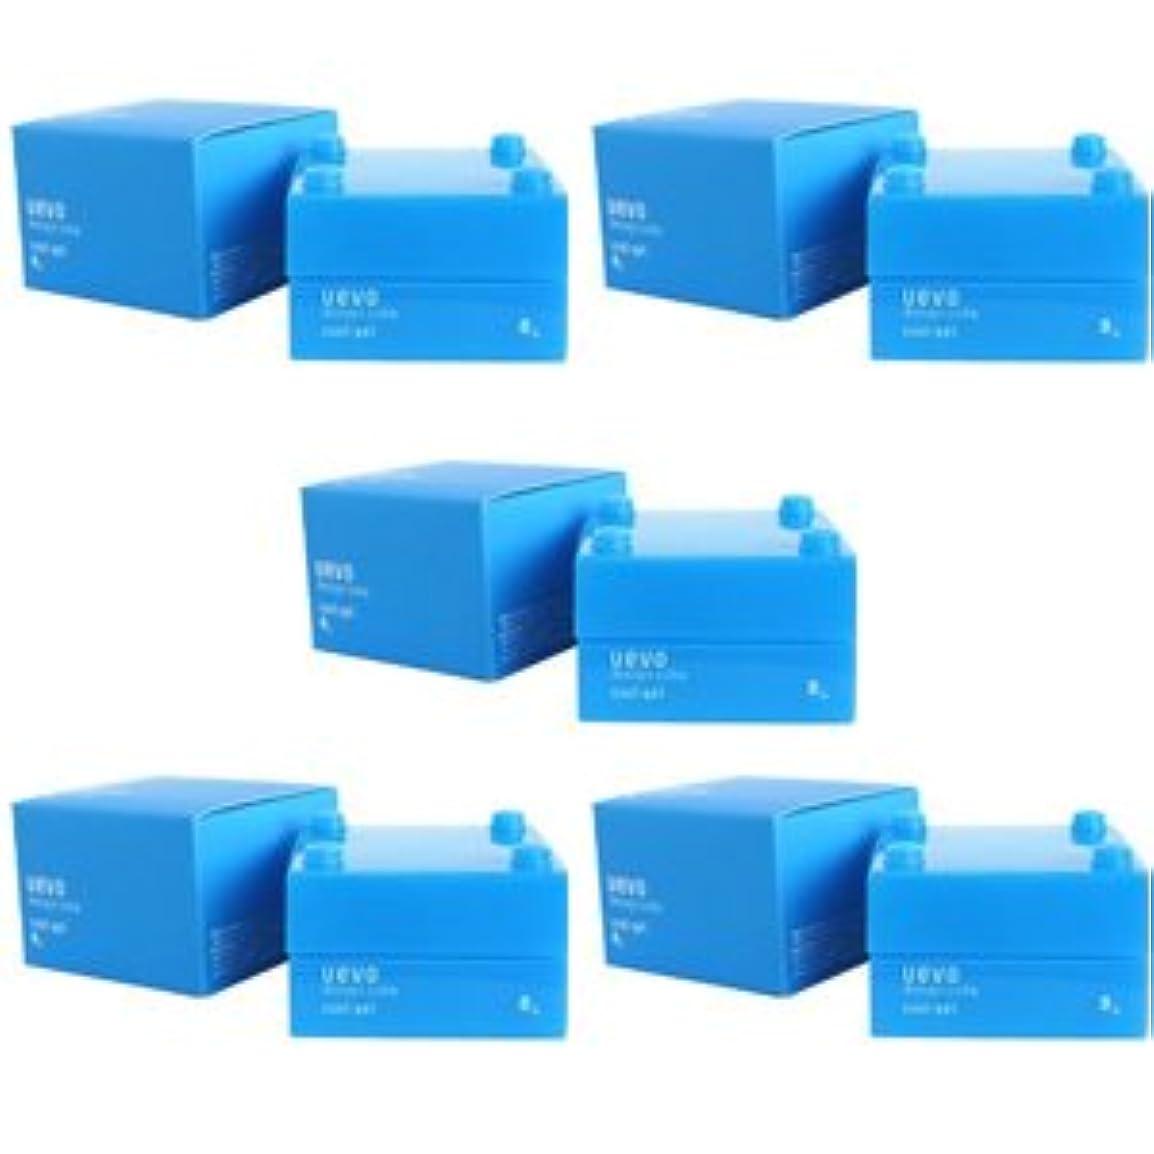 臭い走るベンチ【X5個セット】 デミ ウェーボ デザインキューブ クールジェル 30g cool gel DEMI uevo design cube